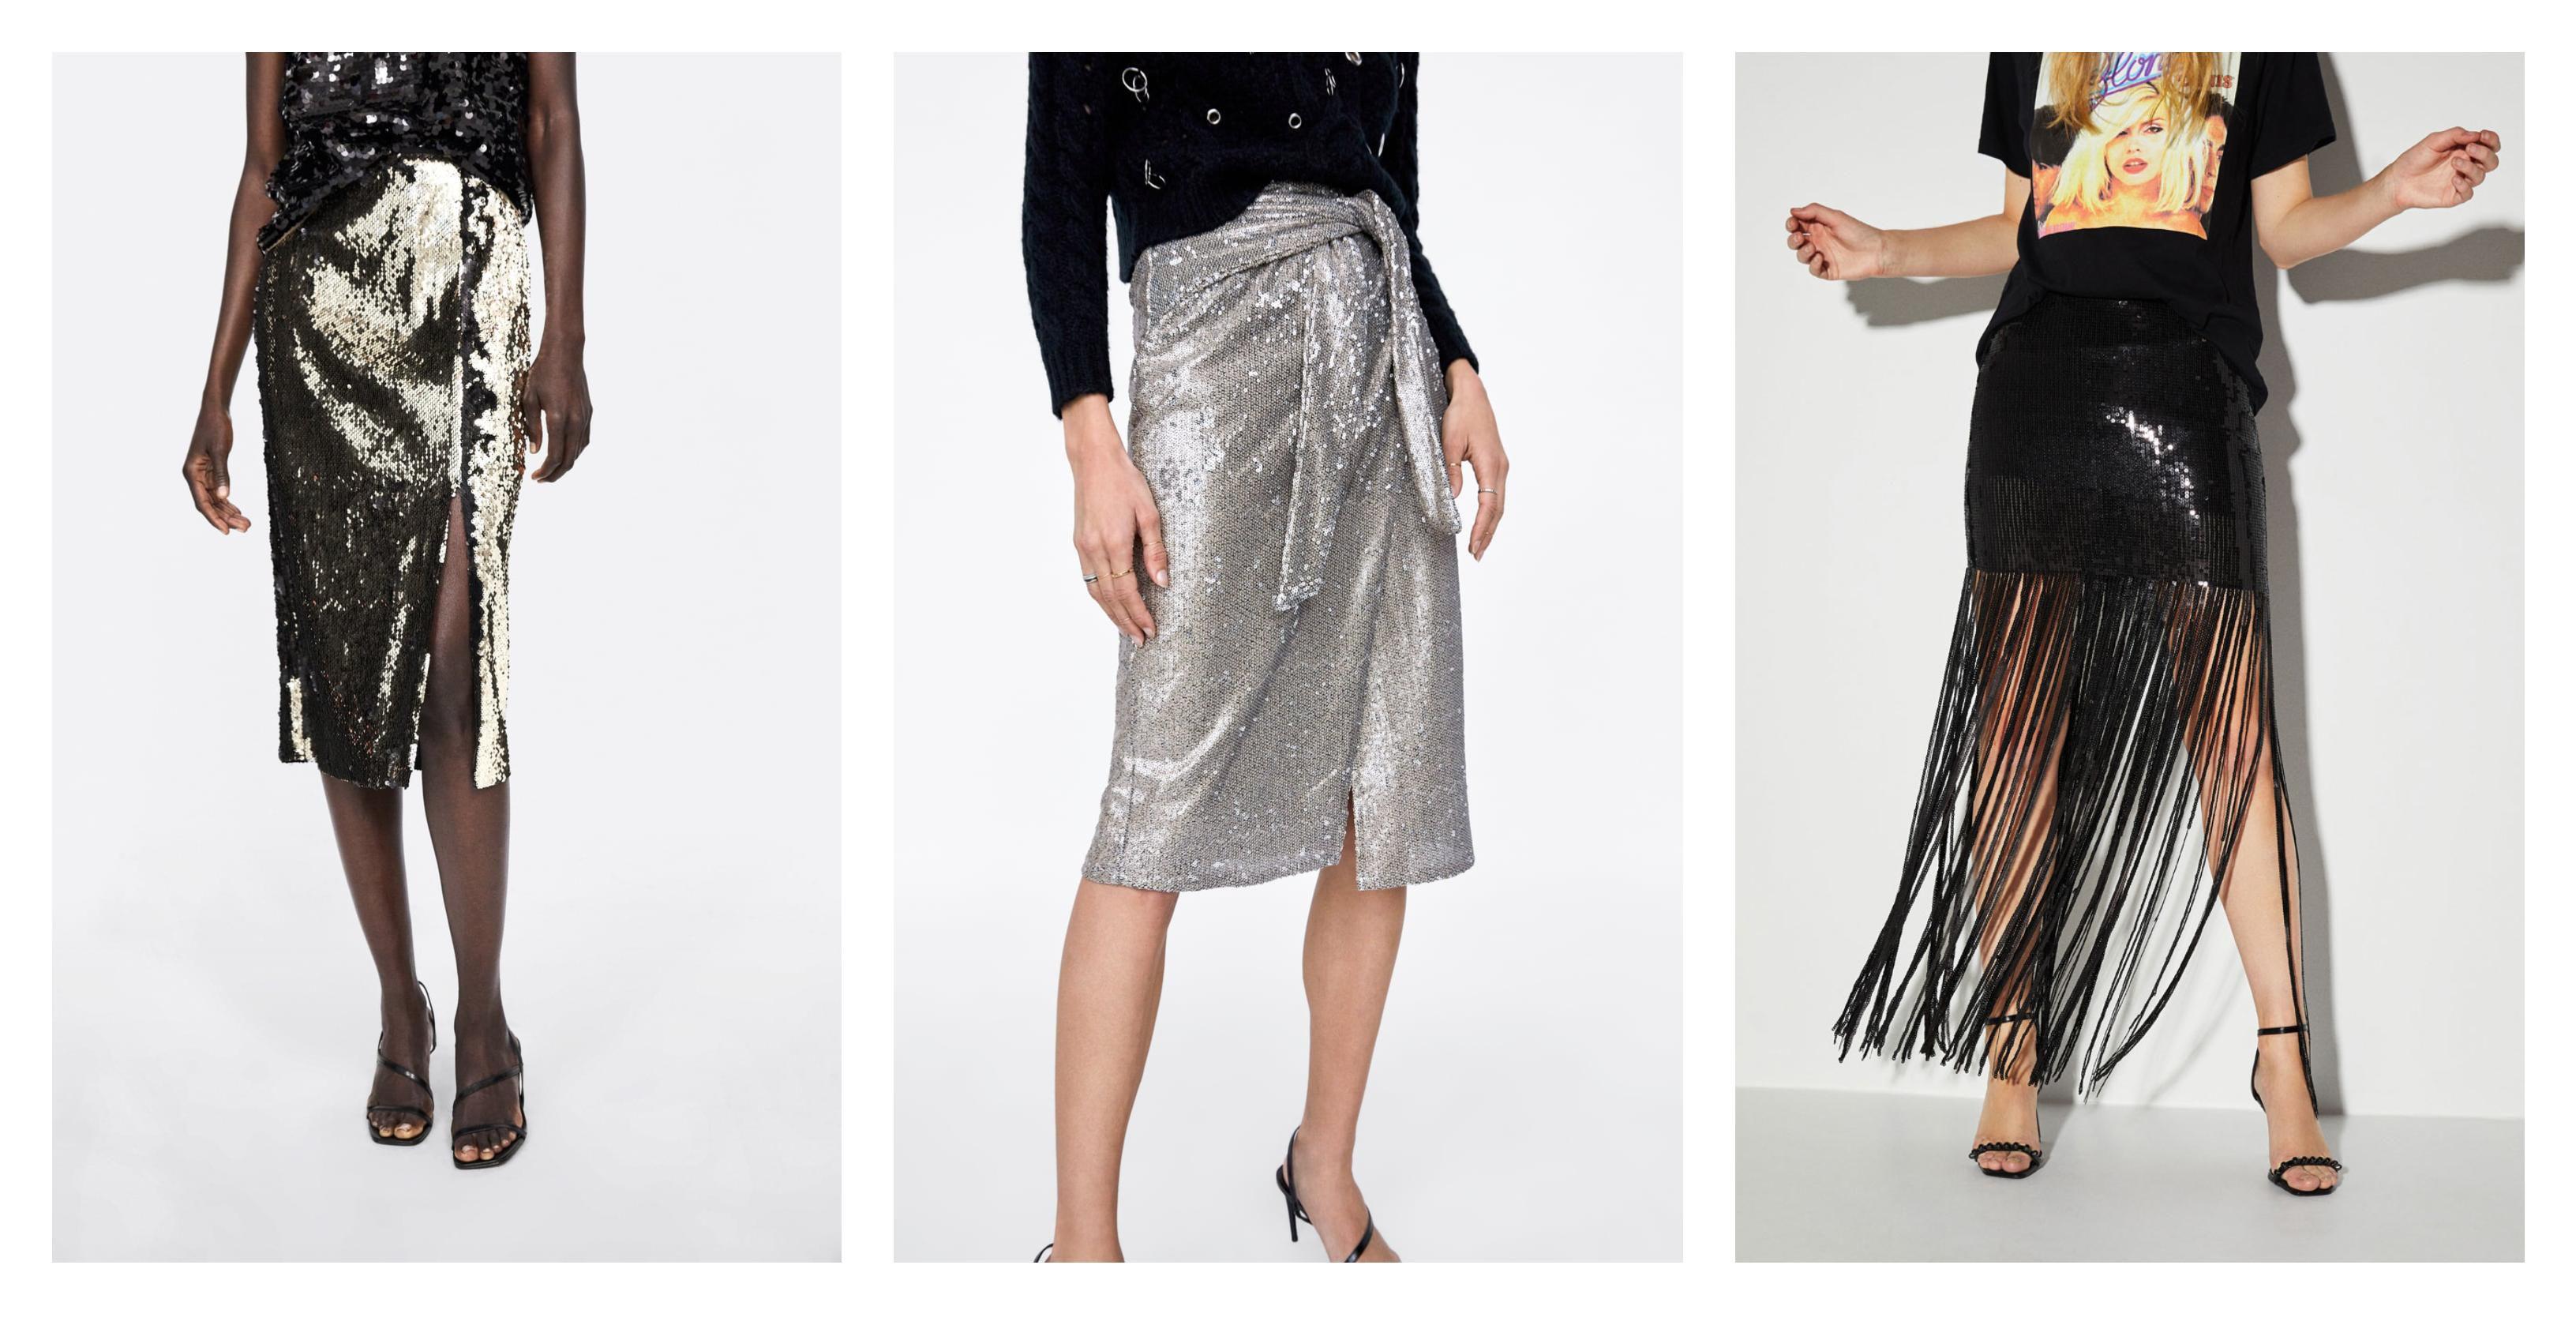 Sve što vam za ove dane treba je cool šljokičasta suknja! Evo najljepših iz high street ponude